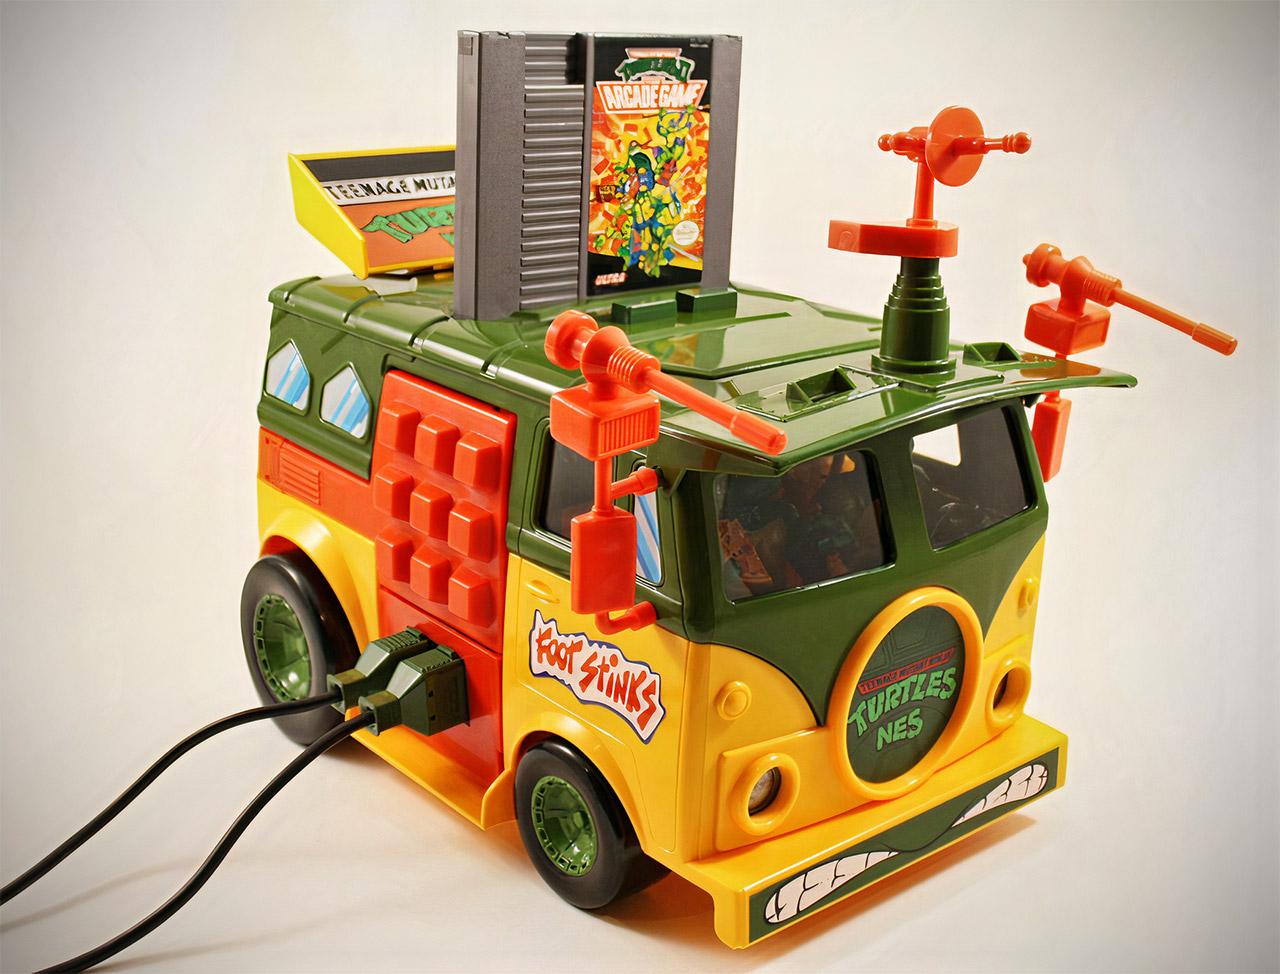 Teenage Mutant Ninja Turtles TMNT Party Wagon NES Console Mod